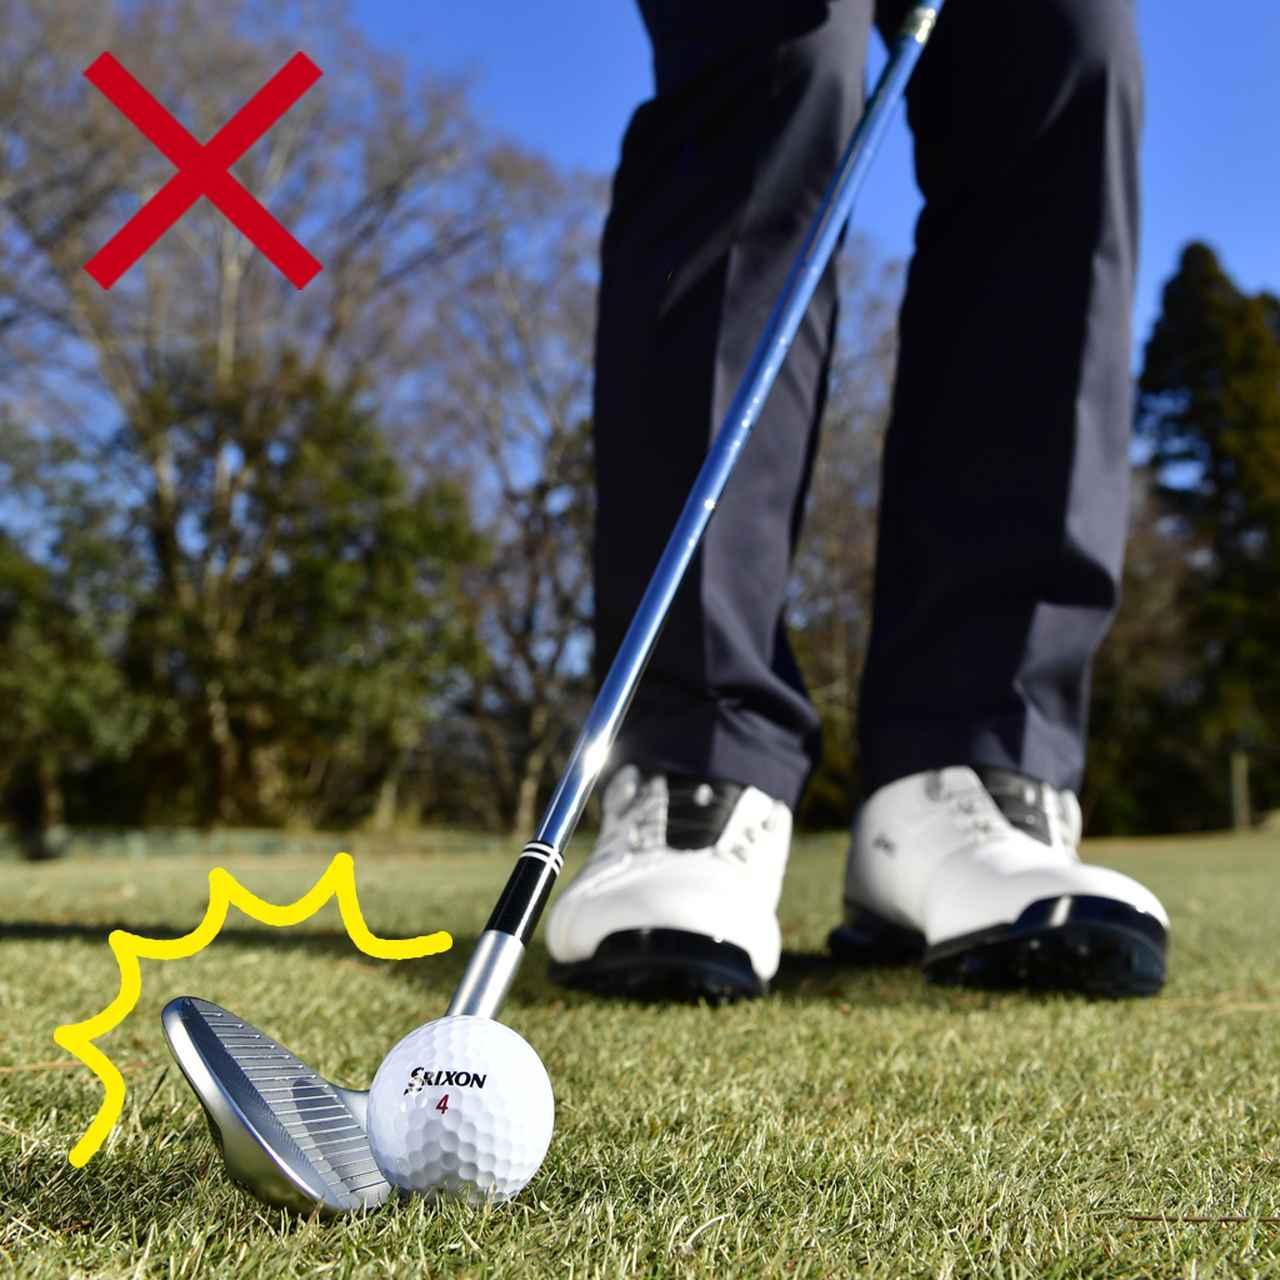 画像: ボールを右に置いてヘッドを鋭角に入れるスウィングは、インパクトが詰まりやすいうえ、ウェッジのソールが使えず刃から入りやすいのでわずかなダフリが致命傷になる